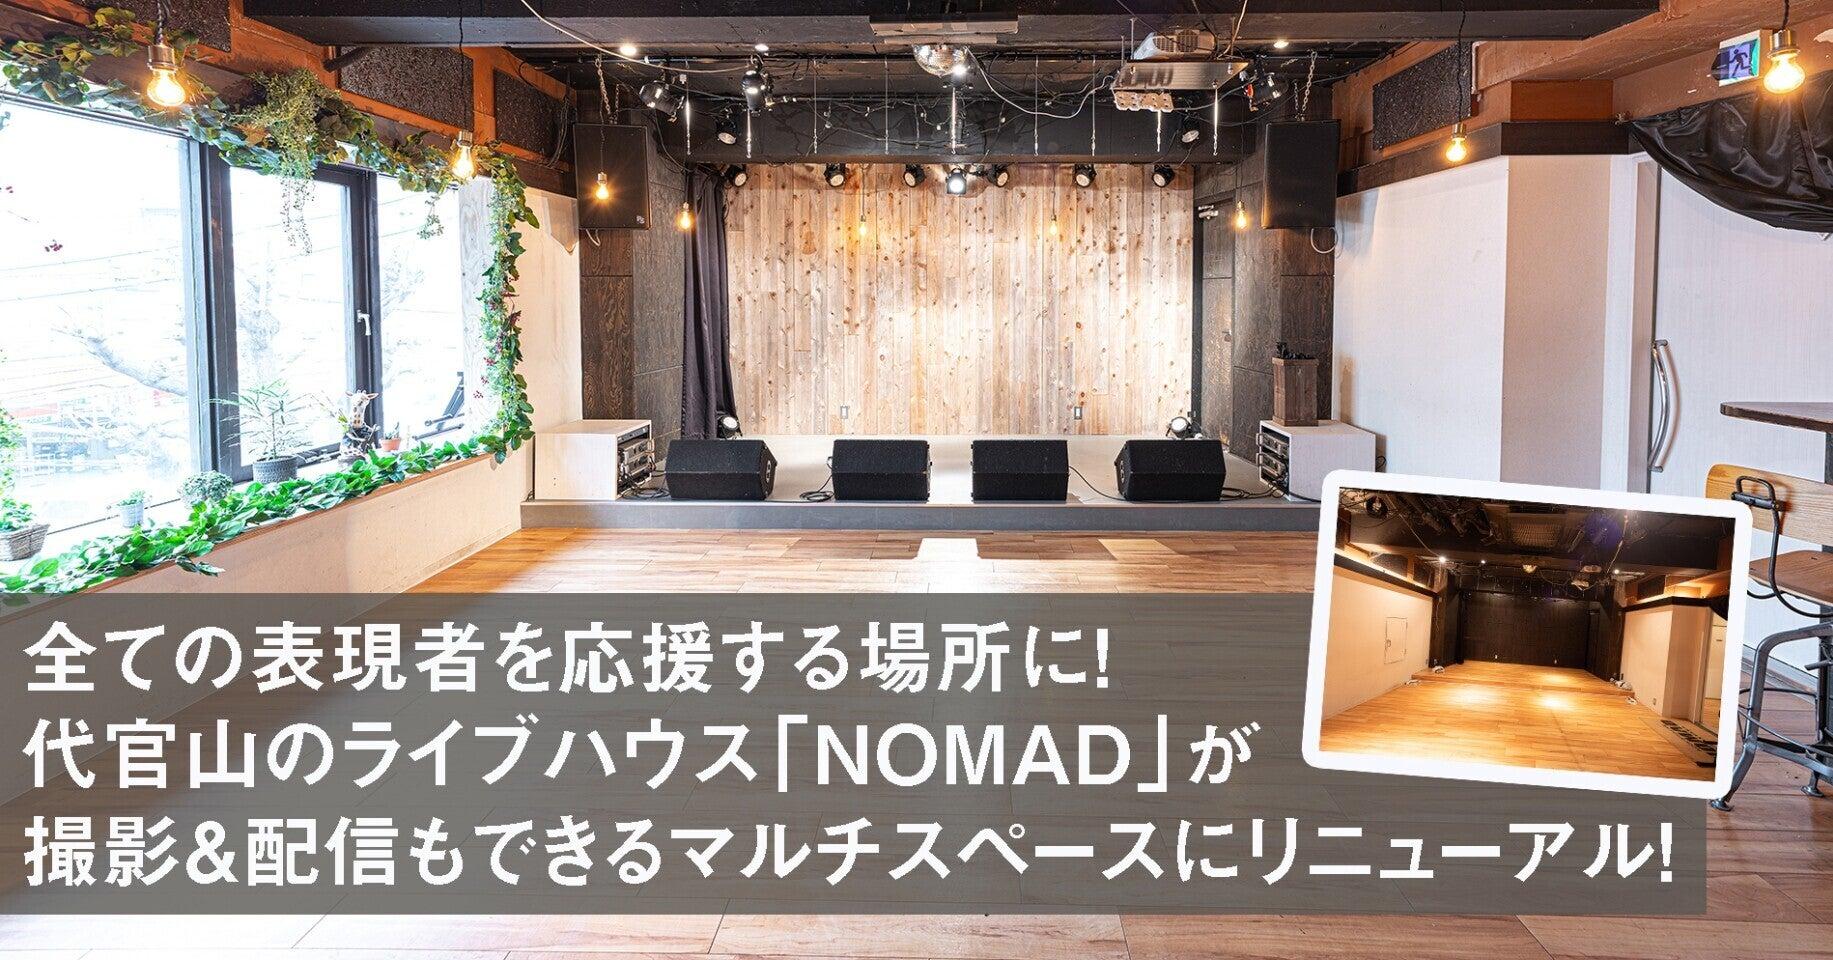 kusuguru studio&代官山NOMAD、クラウドファンディングスタートします!